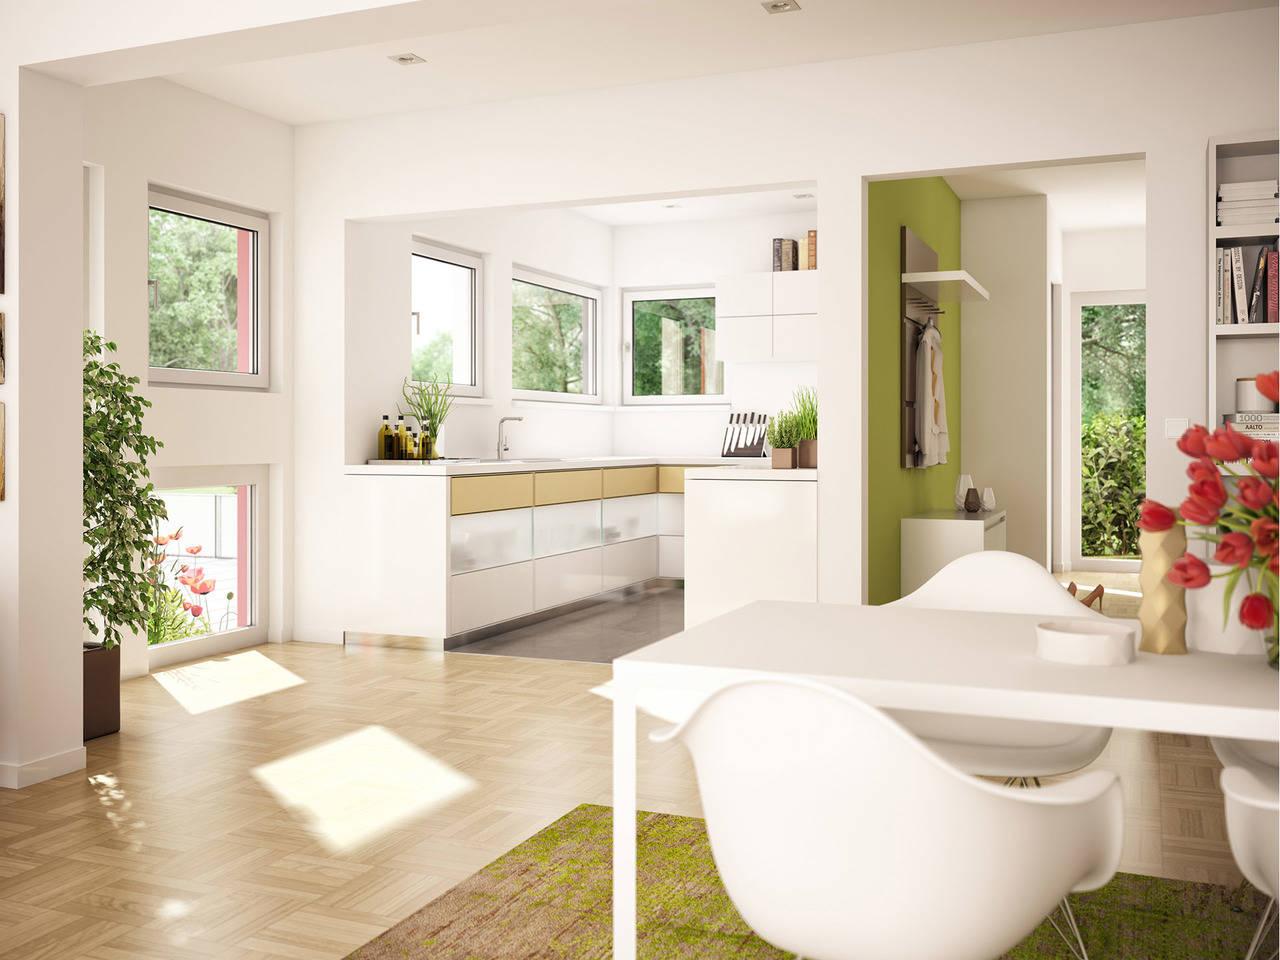 Haus SOLUTION 78 V3 Wohnküche von Living Haus